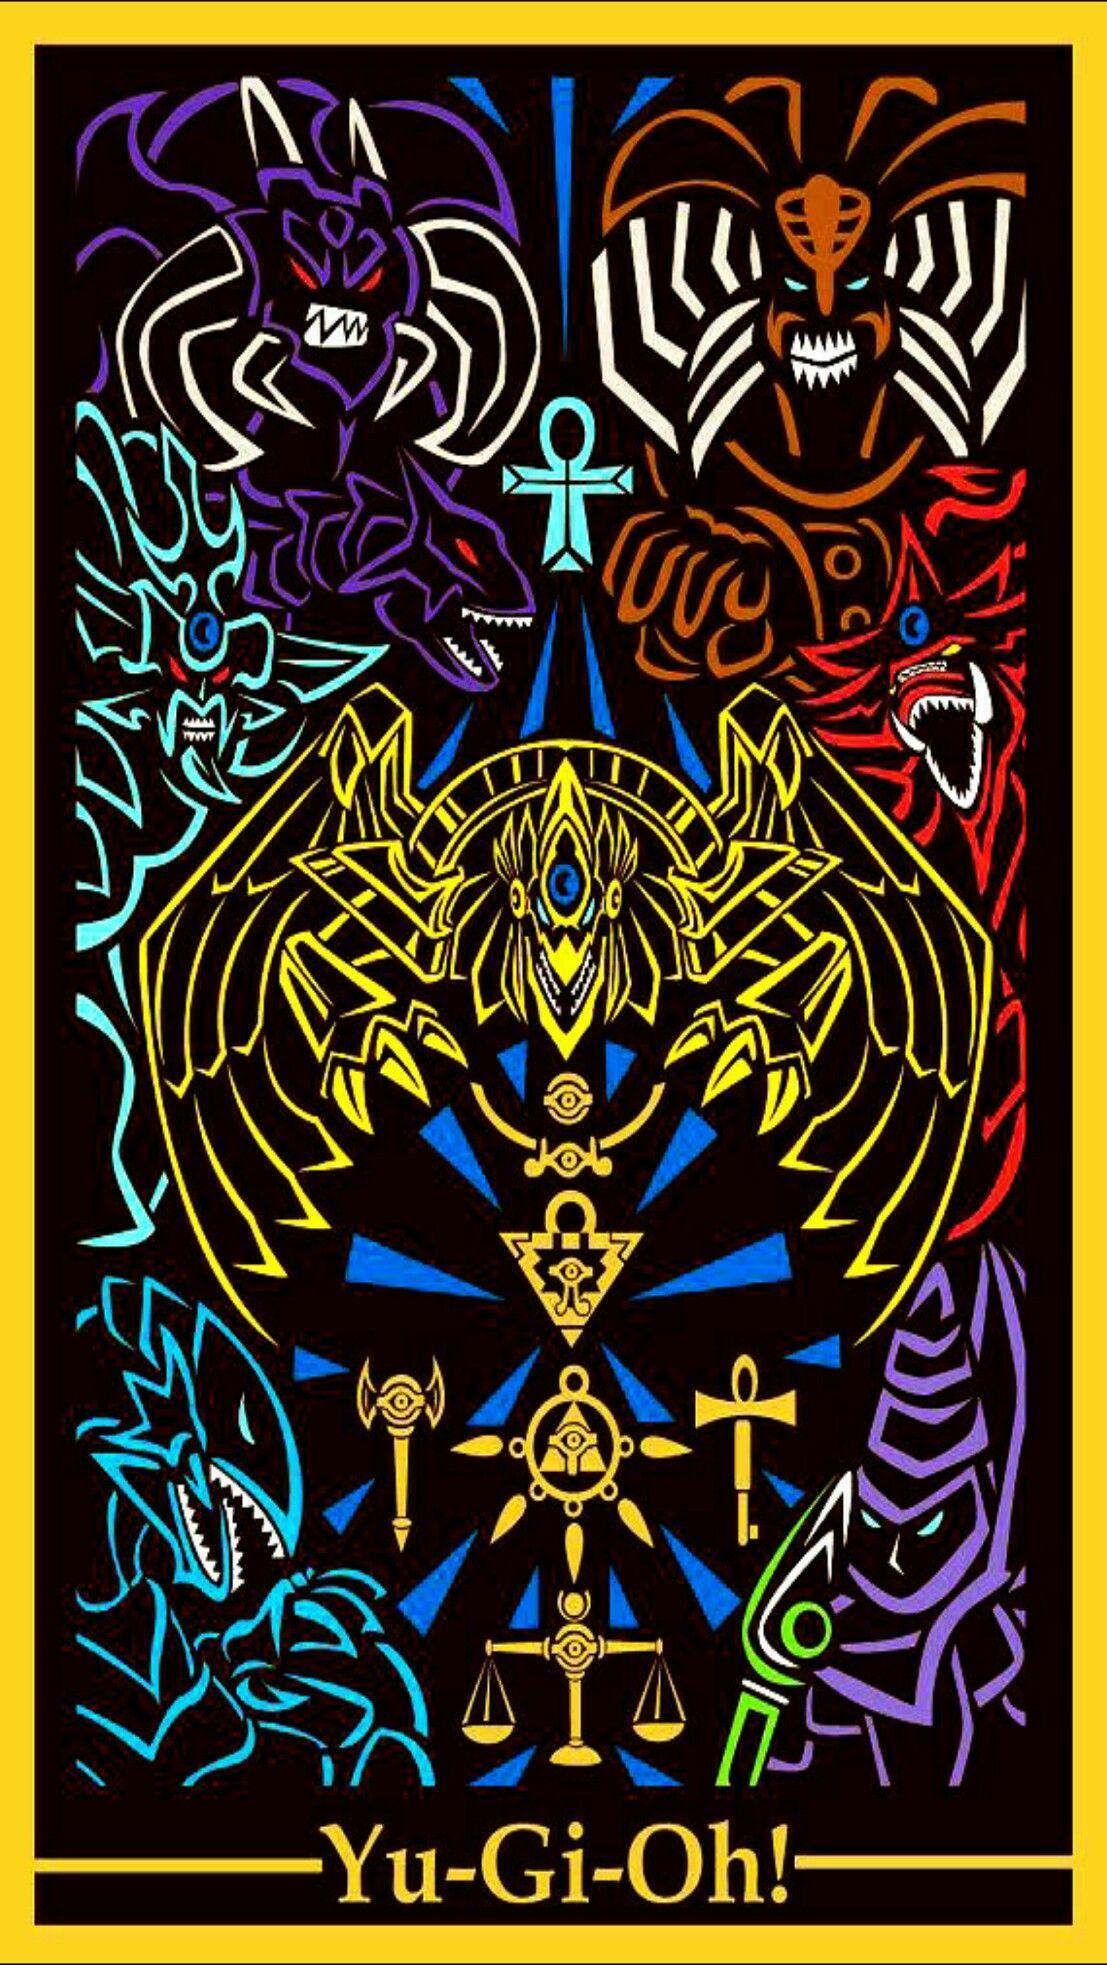 Yu Gi Oh Egyptian God Cards Wallpapers Top Free Yu Gi Oh